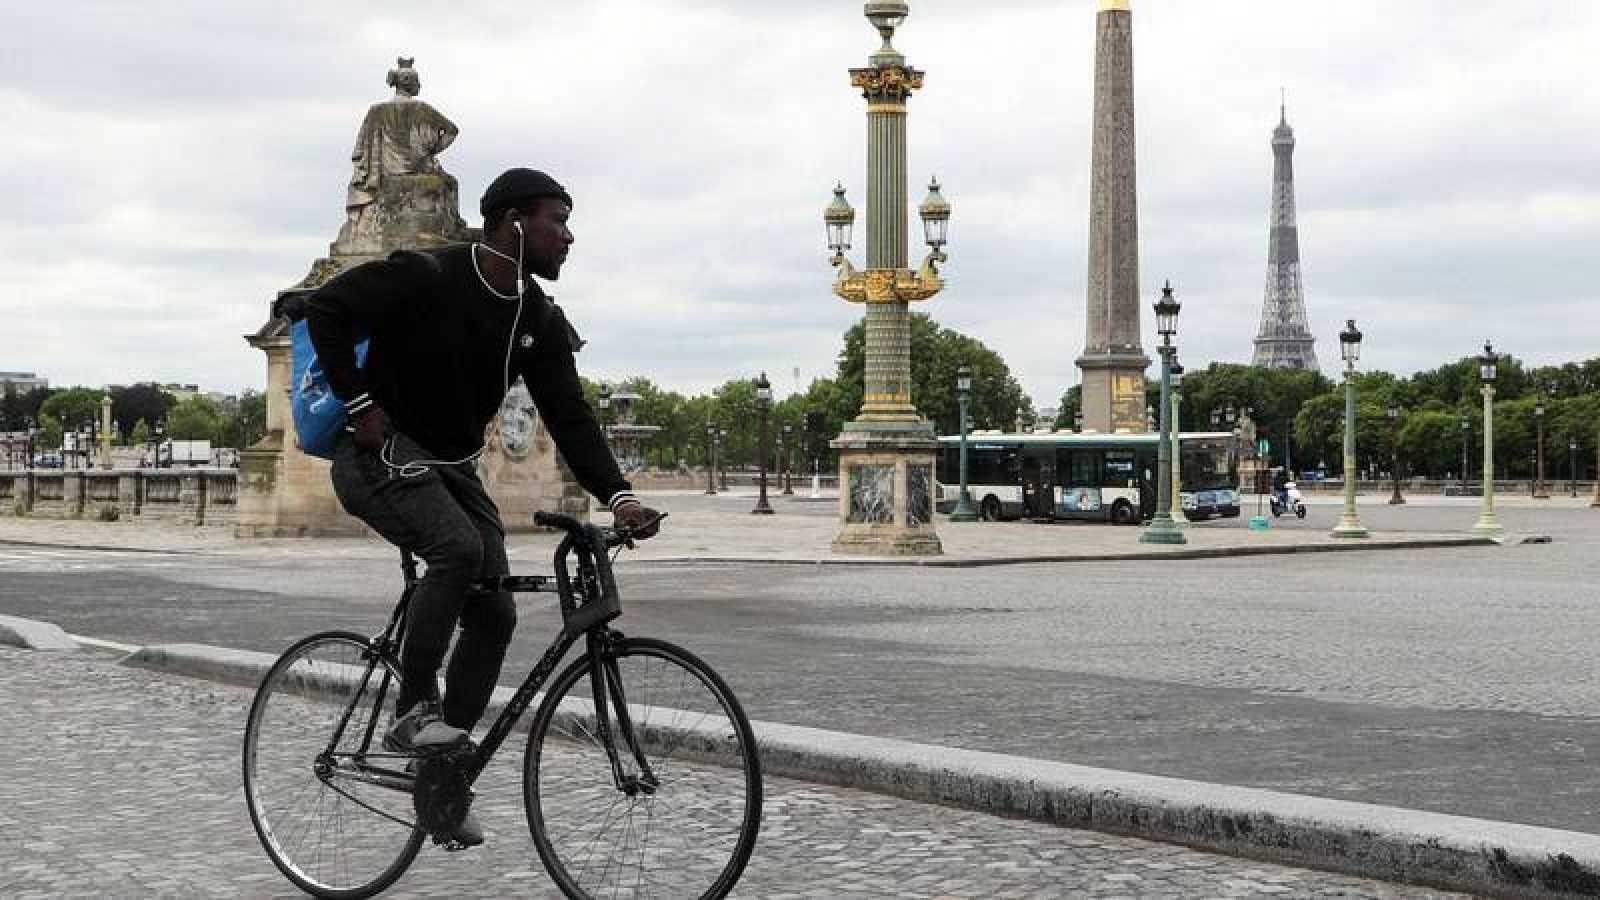 un ciclista con una mochila típica de reparto a domicilio, por el centro de París